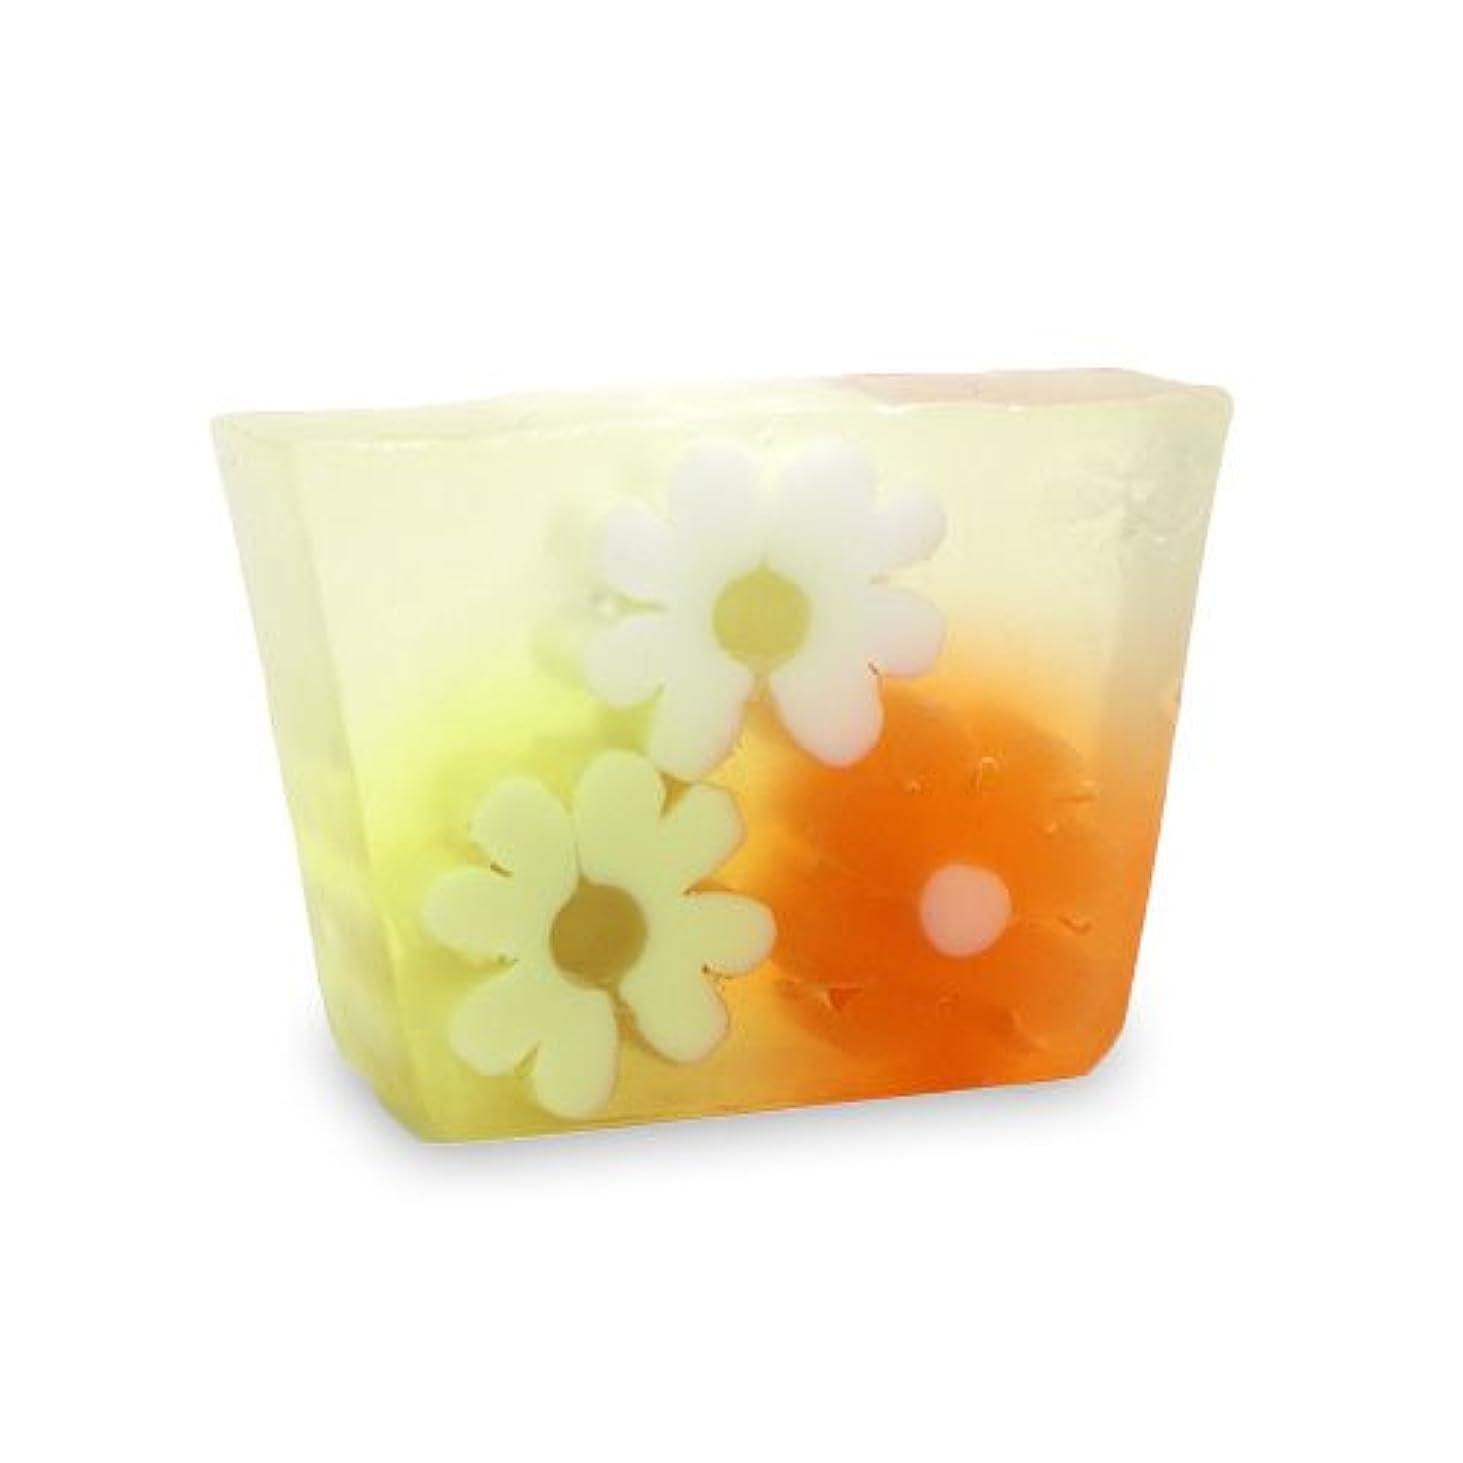 ぼかし売るオーブンプライモールエレメンツ アロマティック ミニソープ オレンジフラワーショップ 80g 植物性 ナチュラル 石鹸 無添加